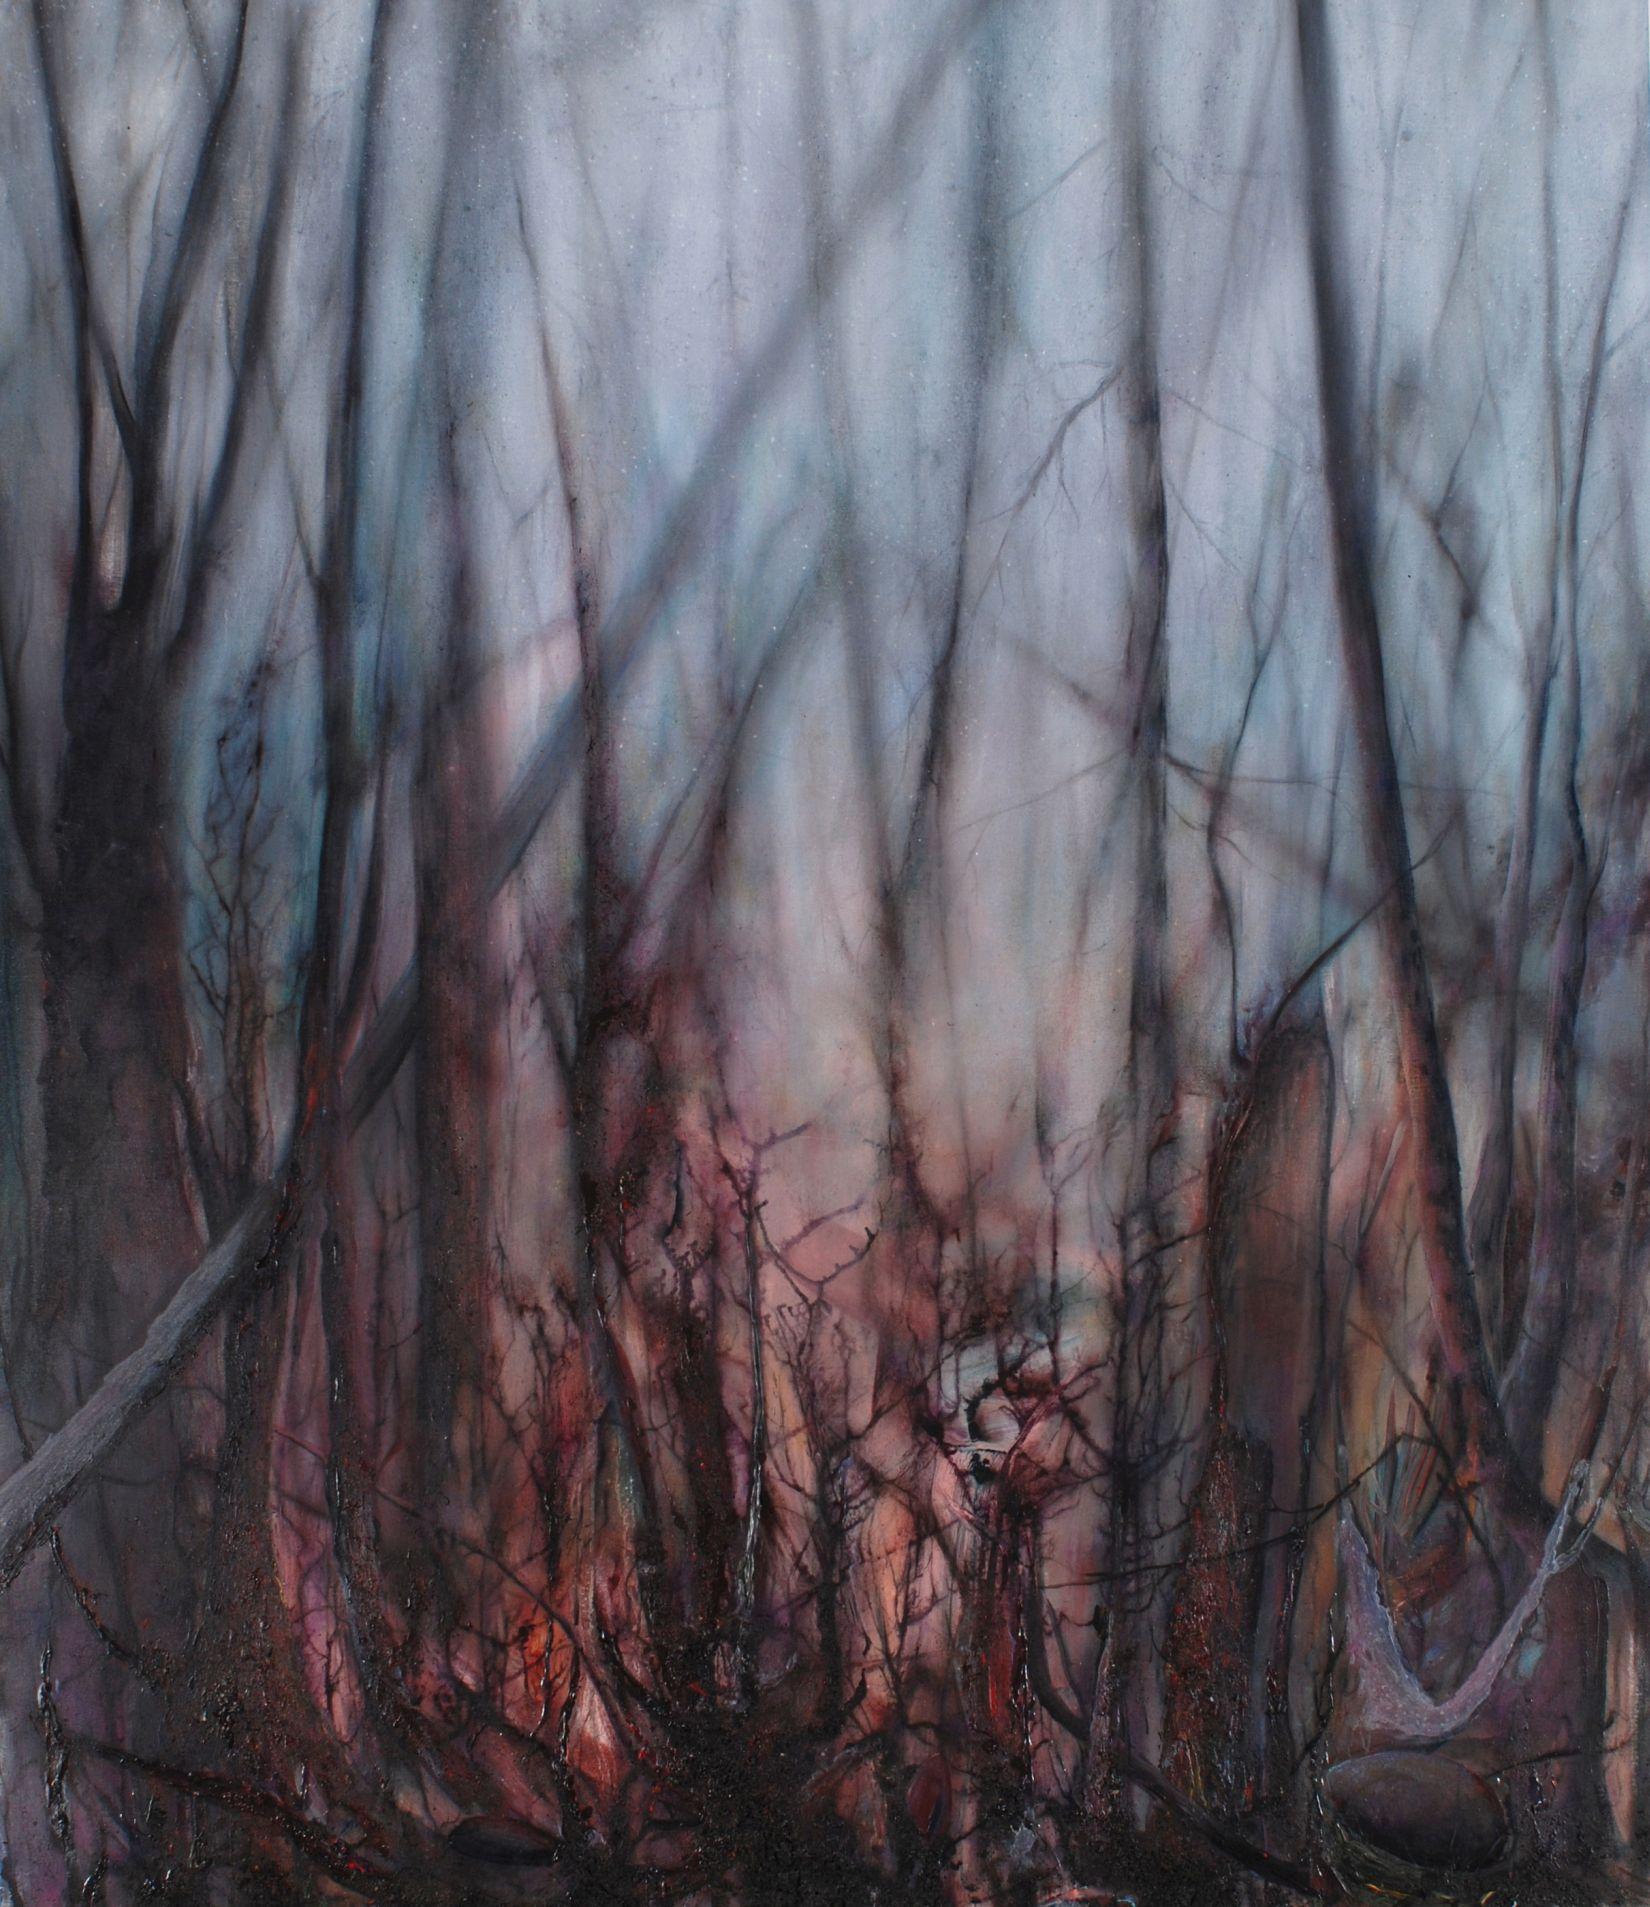 """""""Ogrody"""", Paweł Matyszewki, """"Kara"""", 2014-15, fot. dzięki uprzejmości artysty (źródło: materiały prasowe)"""